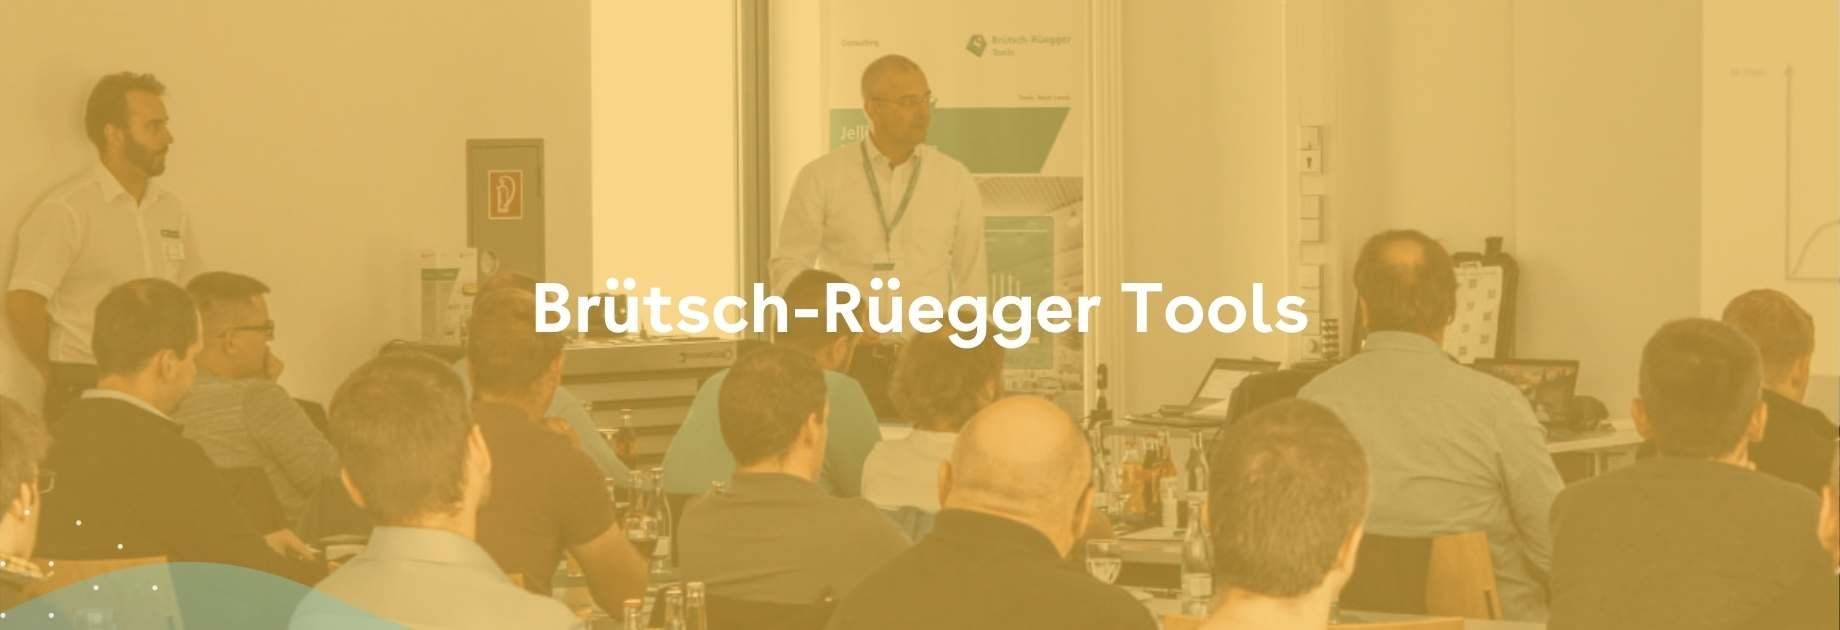 Brütsch-Rüegger Tools